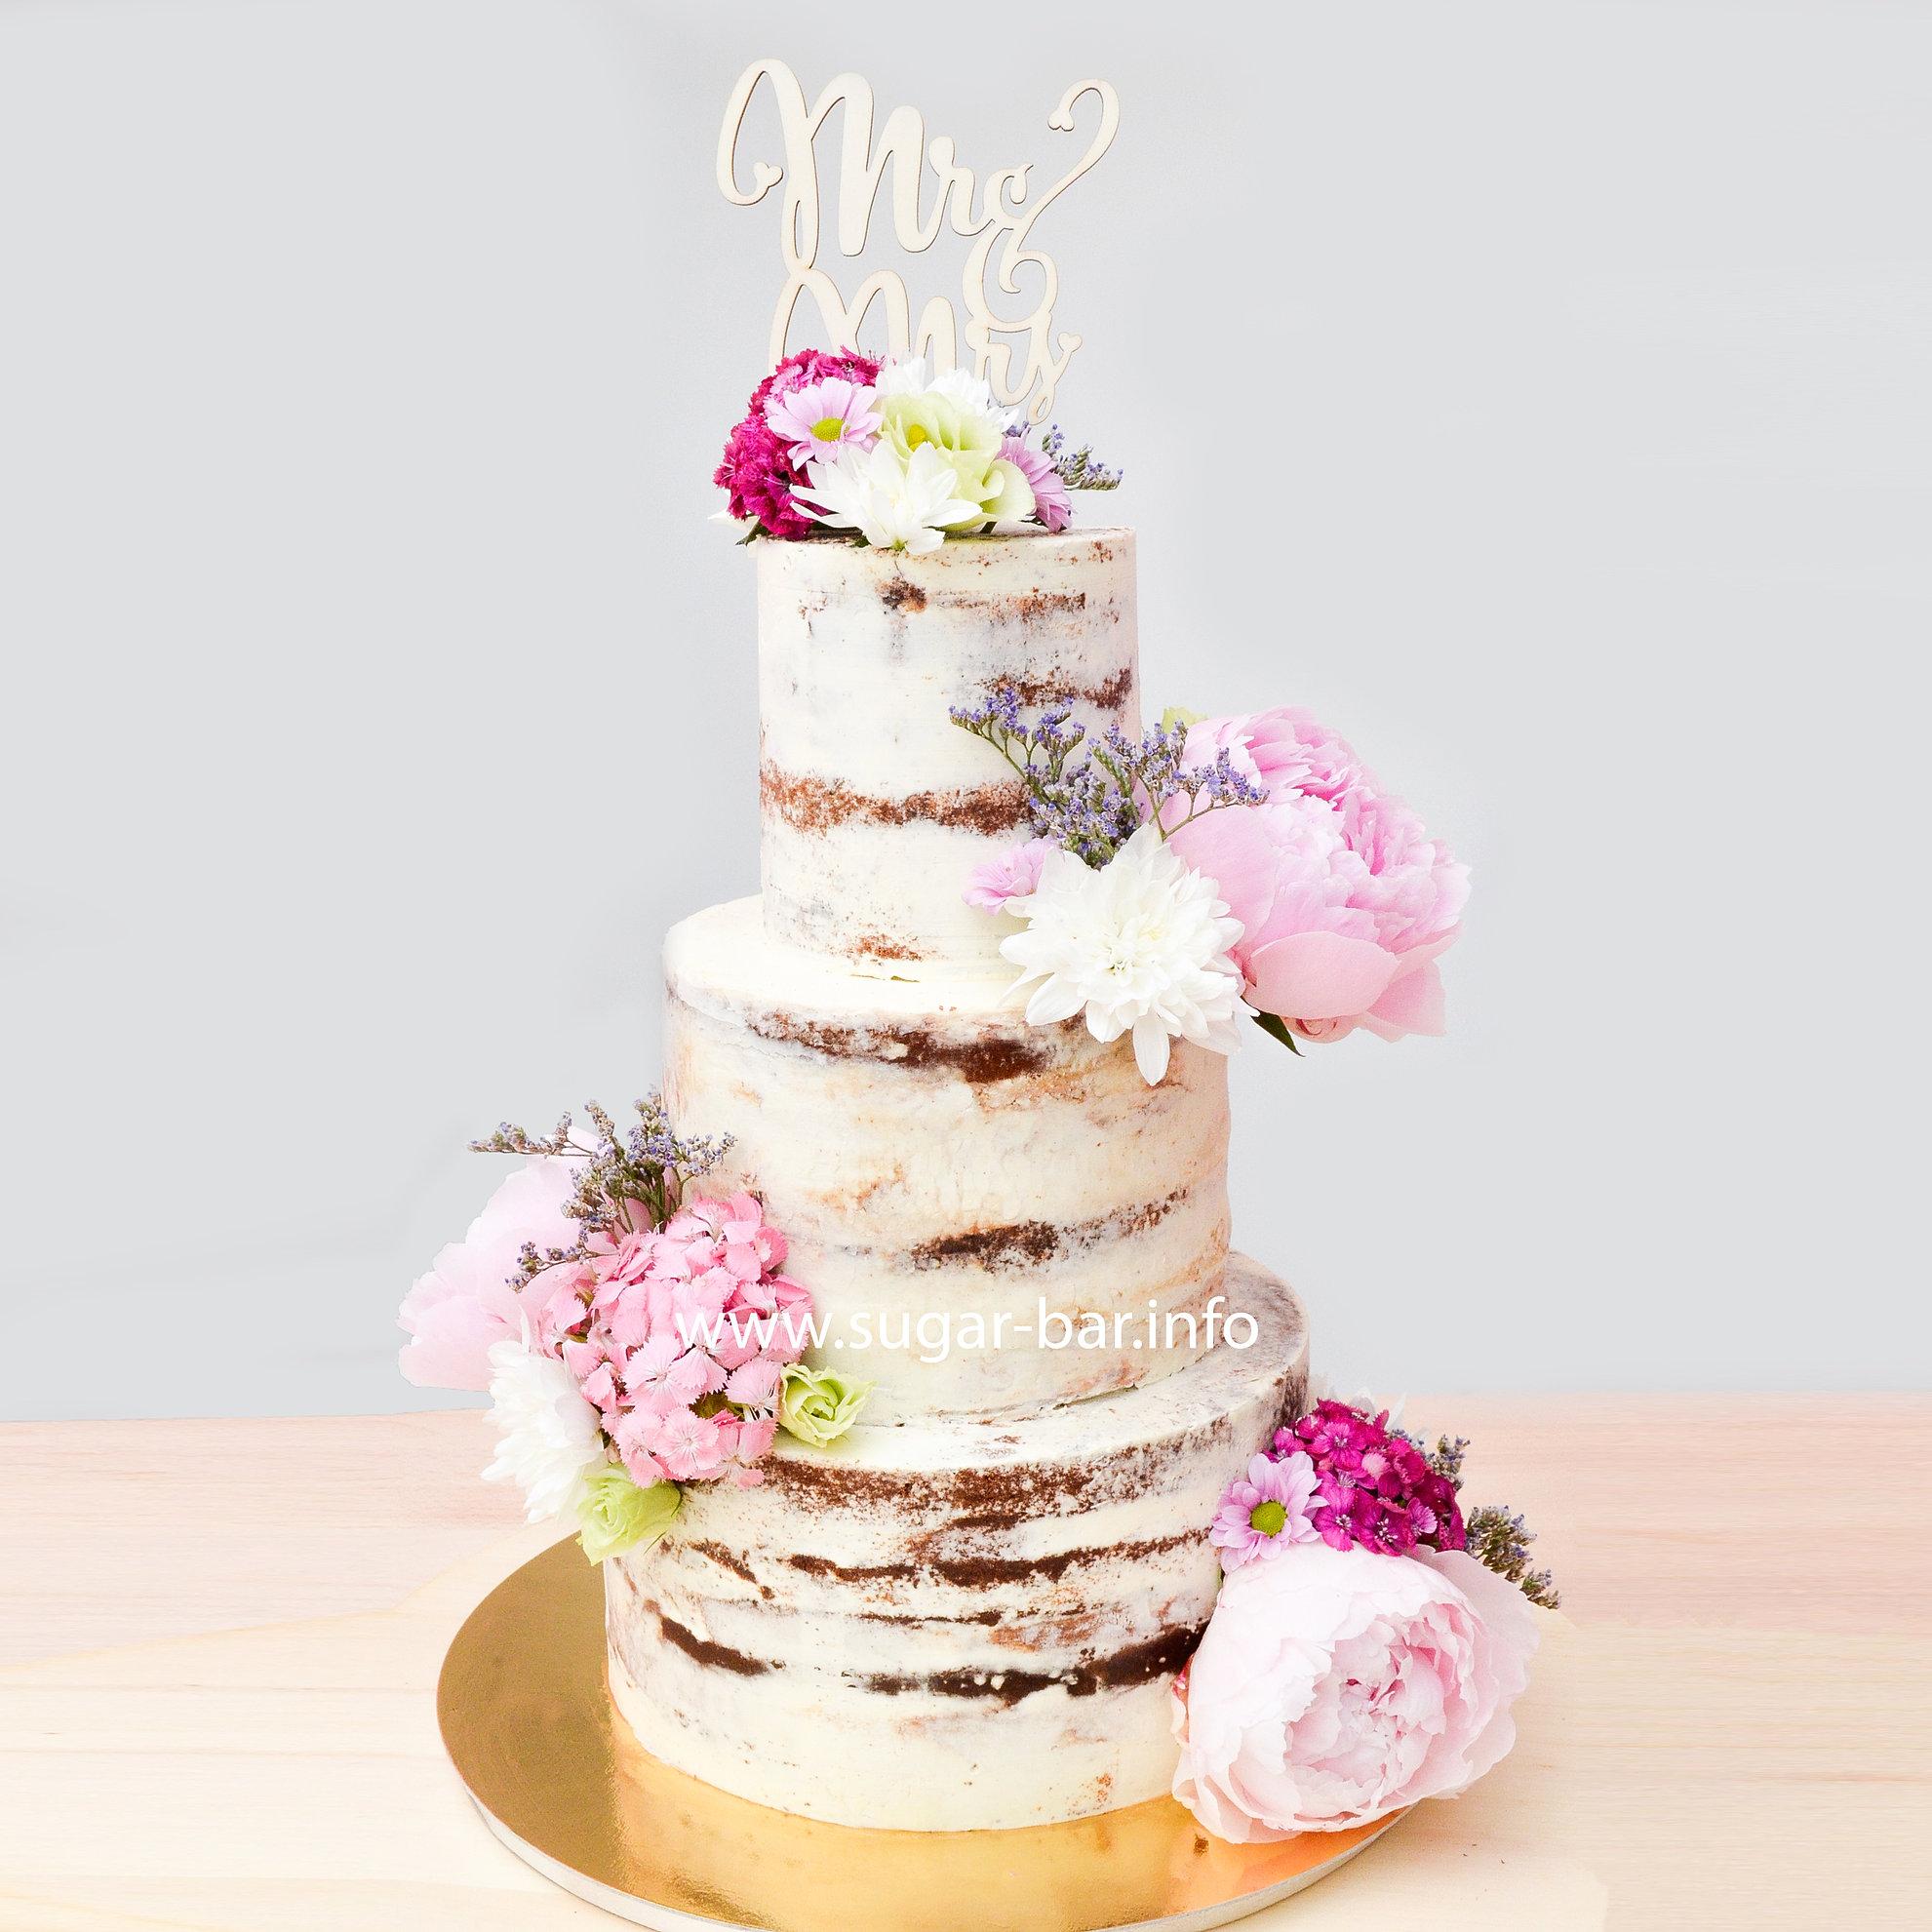 Sugarbar Candybar Hochzeitstorte Dsseldorf Geburtstagstorte Macarons